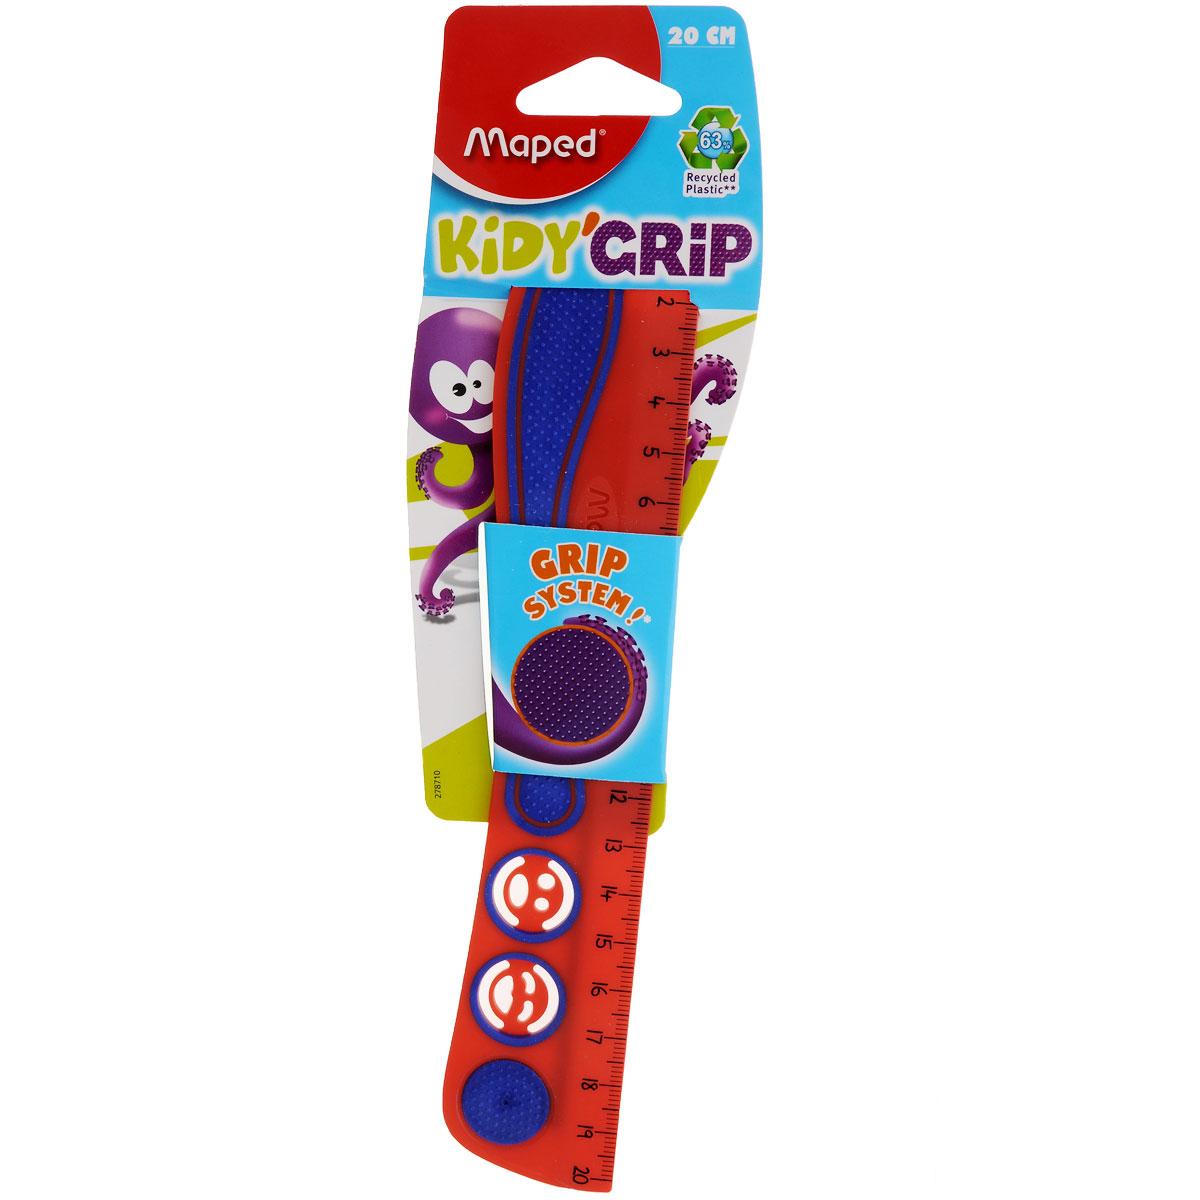 Линейка Maped Кidi Grip, нескользящая, 20 см, цвет: красный, фиолетовыйFS-36052Линейка Maped Кidi Grip удобна в использовании благодаря резиновой вставке, которая препятствует ее скольжению по бумаге. Необычная линейка длиной 20 см дополнена забавными трафаретами в виде смайликов.